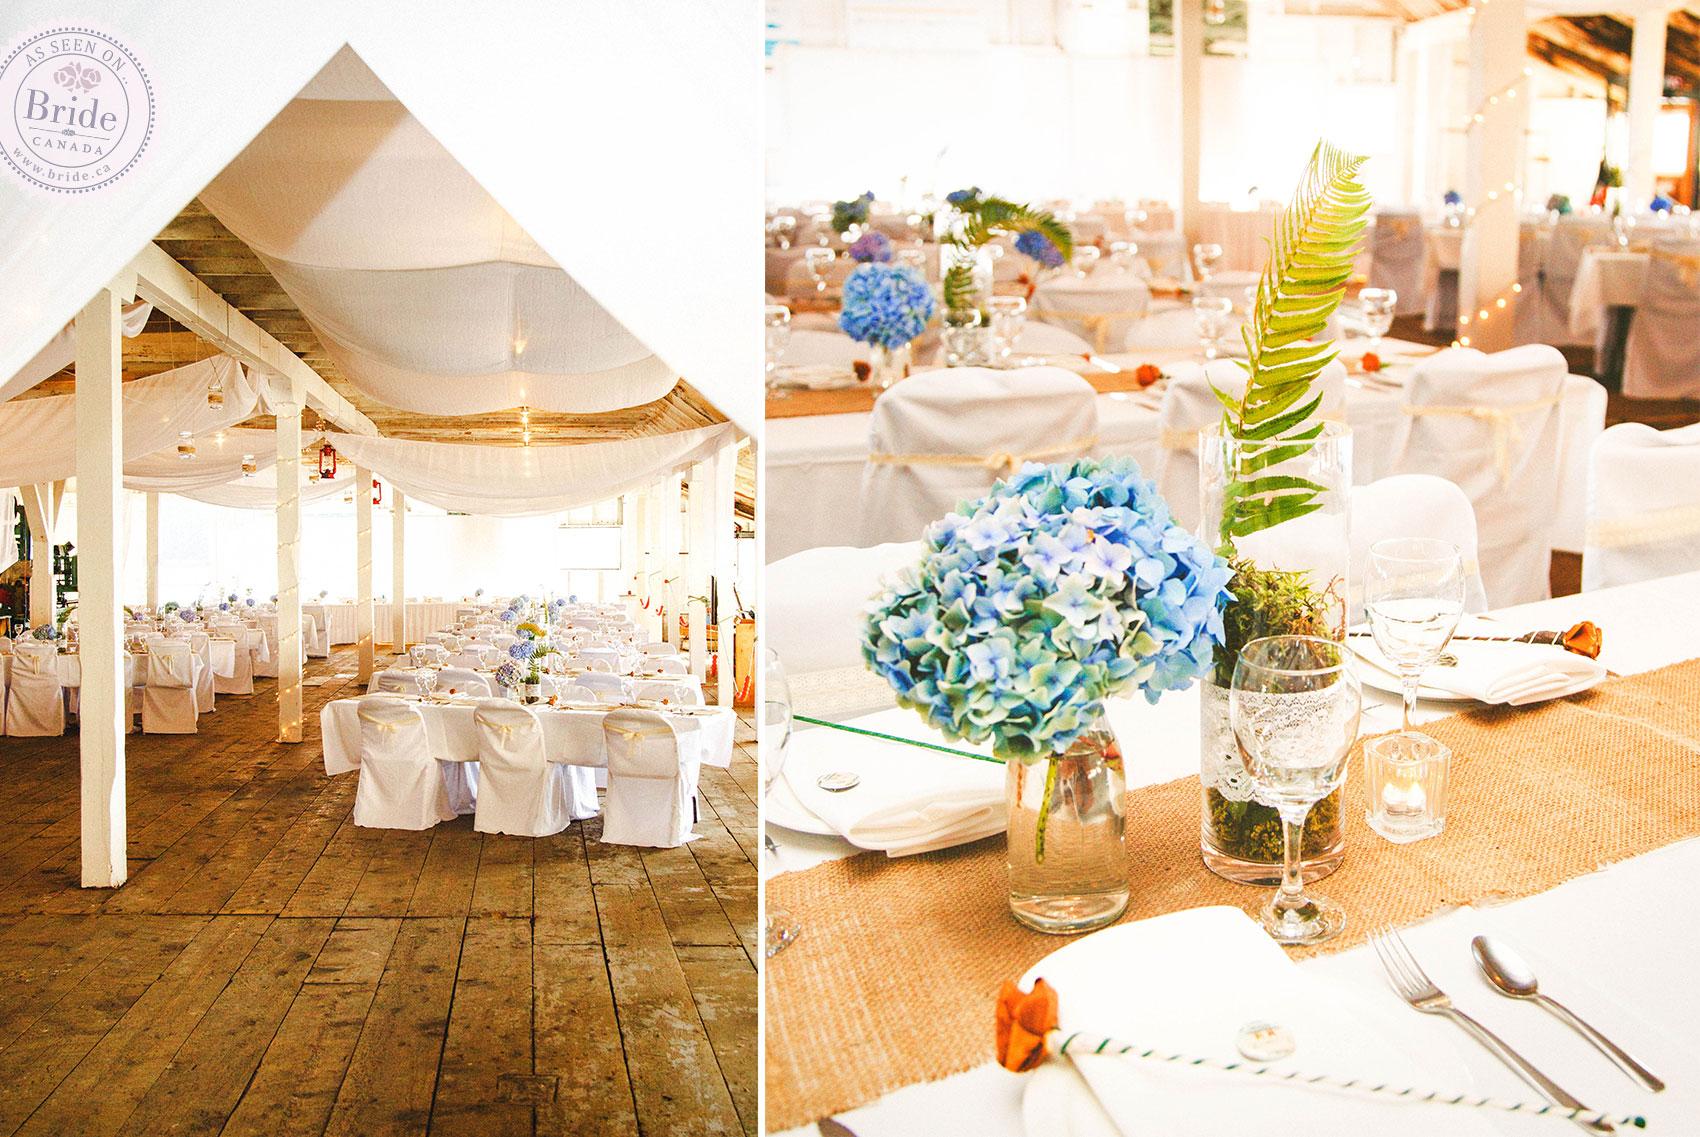 Bride Reception Wedding Venues Halls